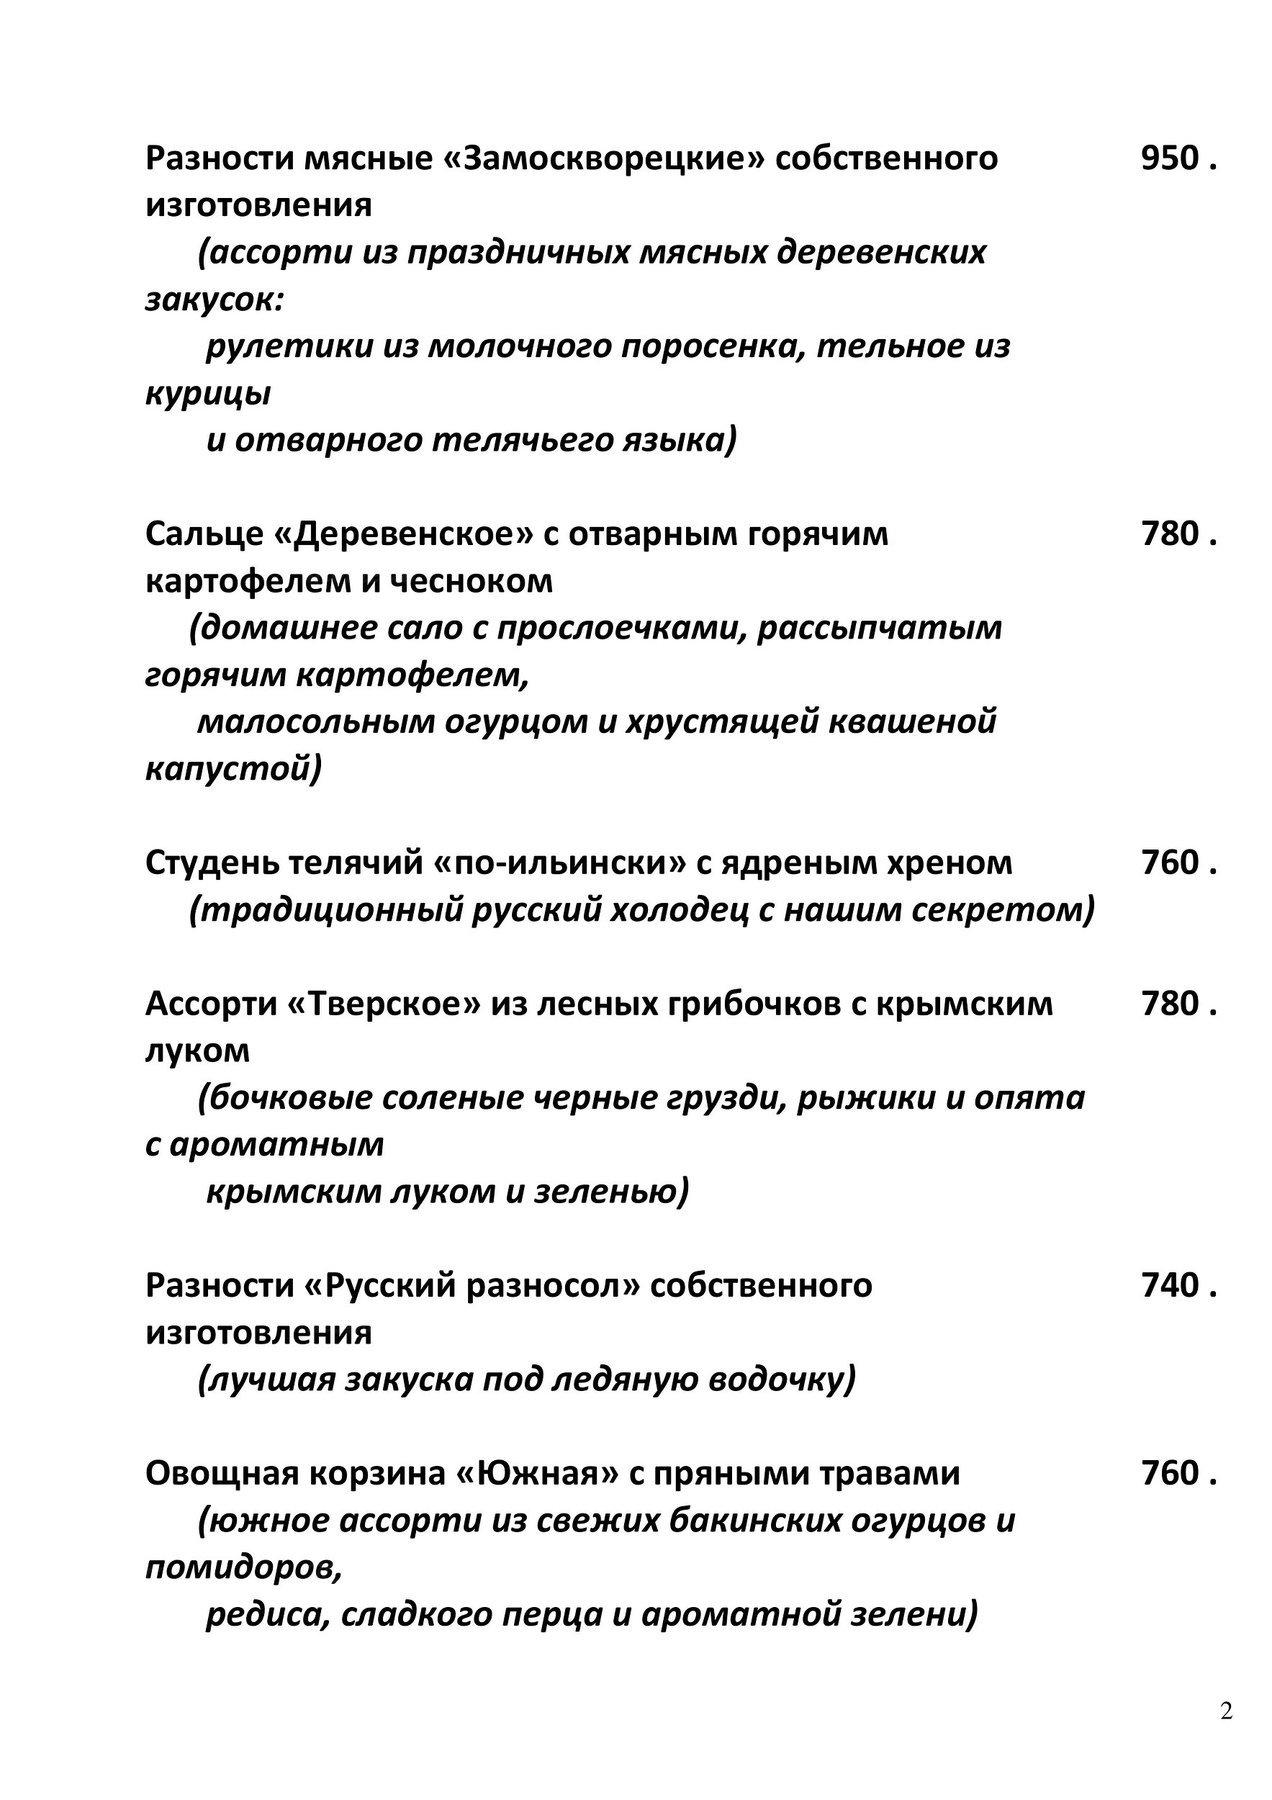 Меню ресторана Семь Пятниц на Воронцовской улице фото 2